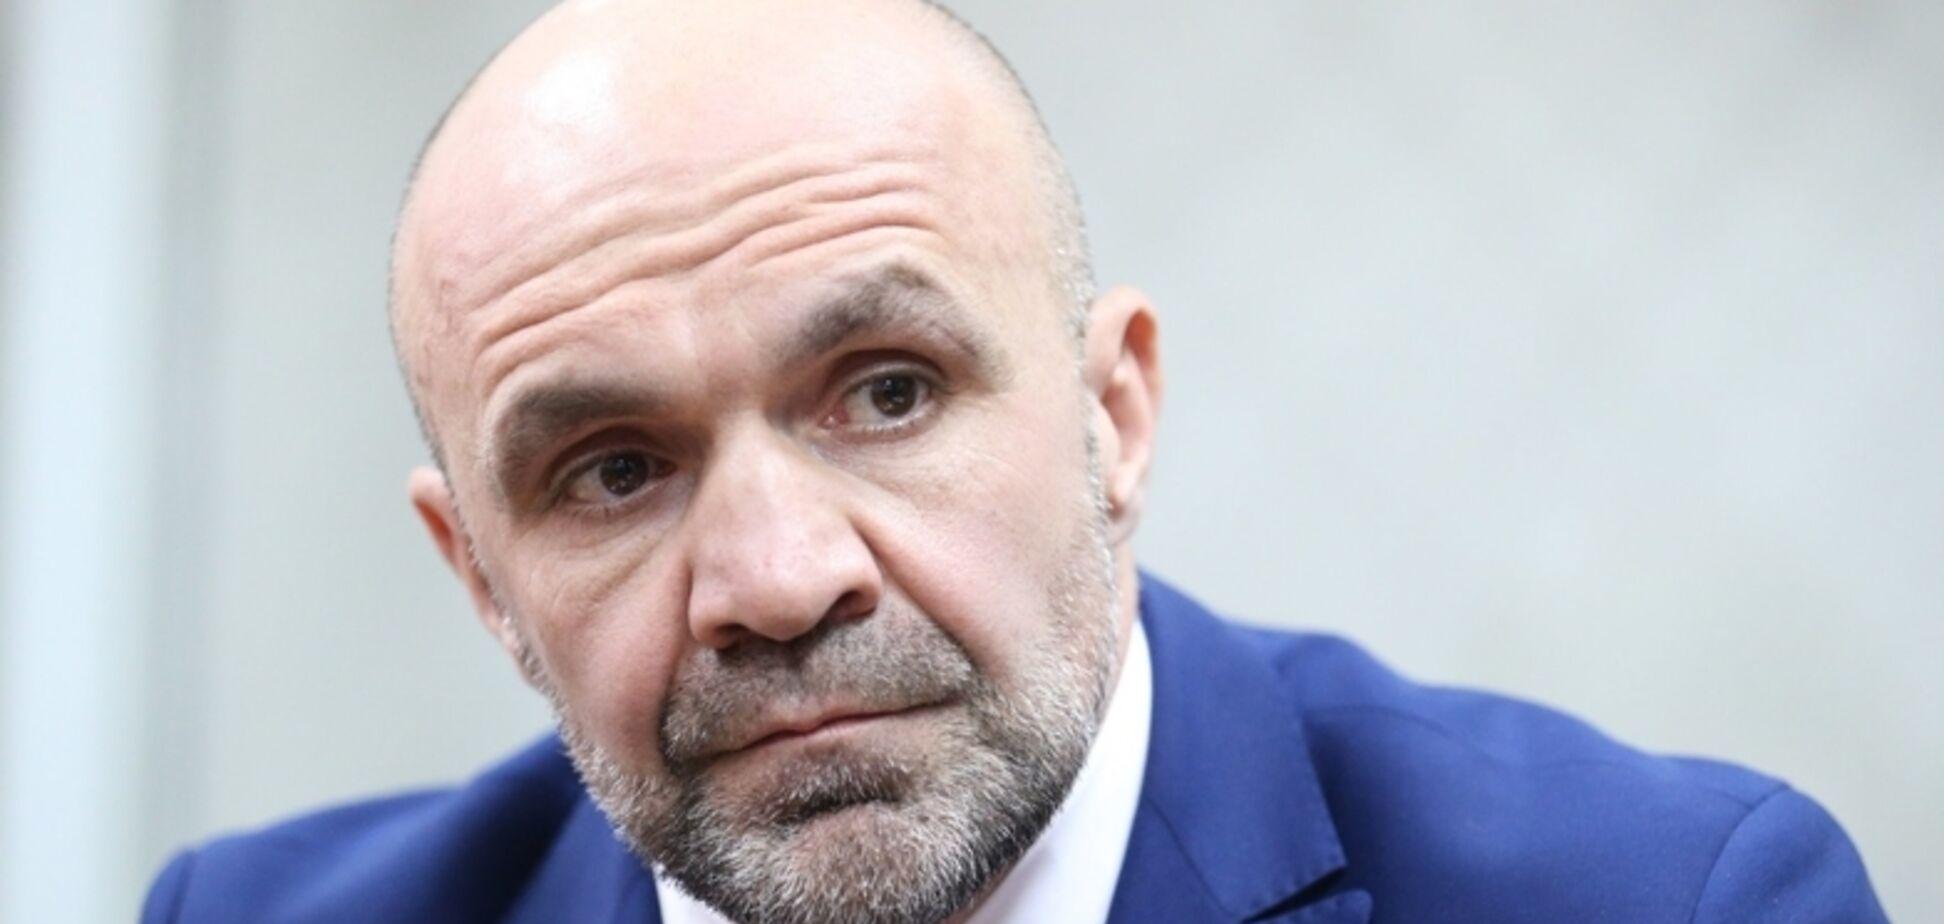 Мангер продолжит работать в облсовете: суд принял решение